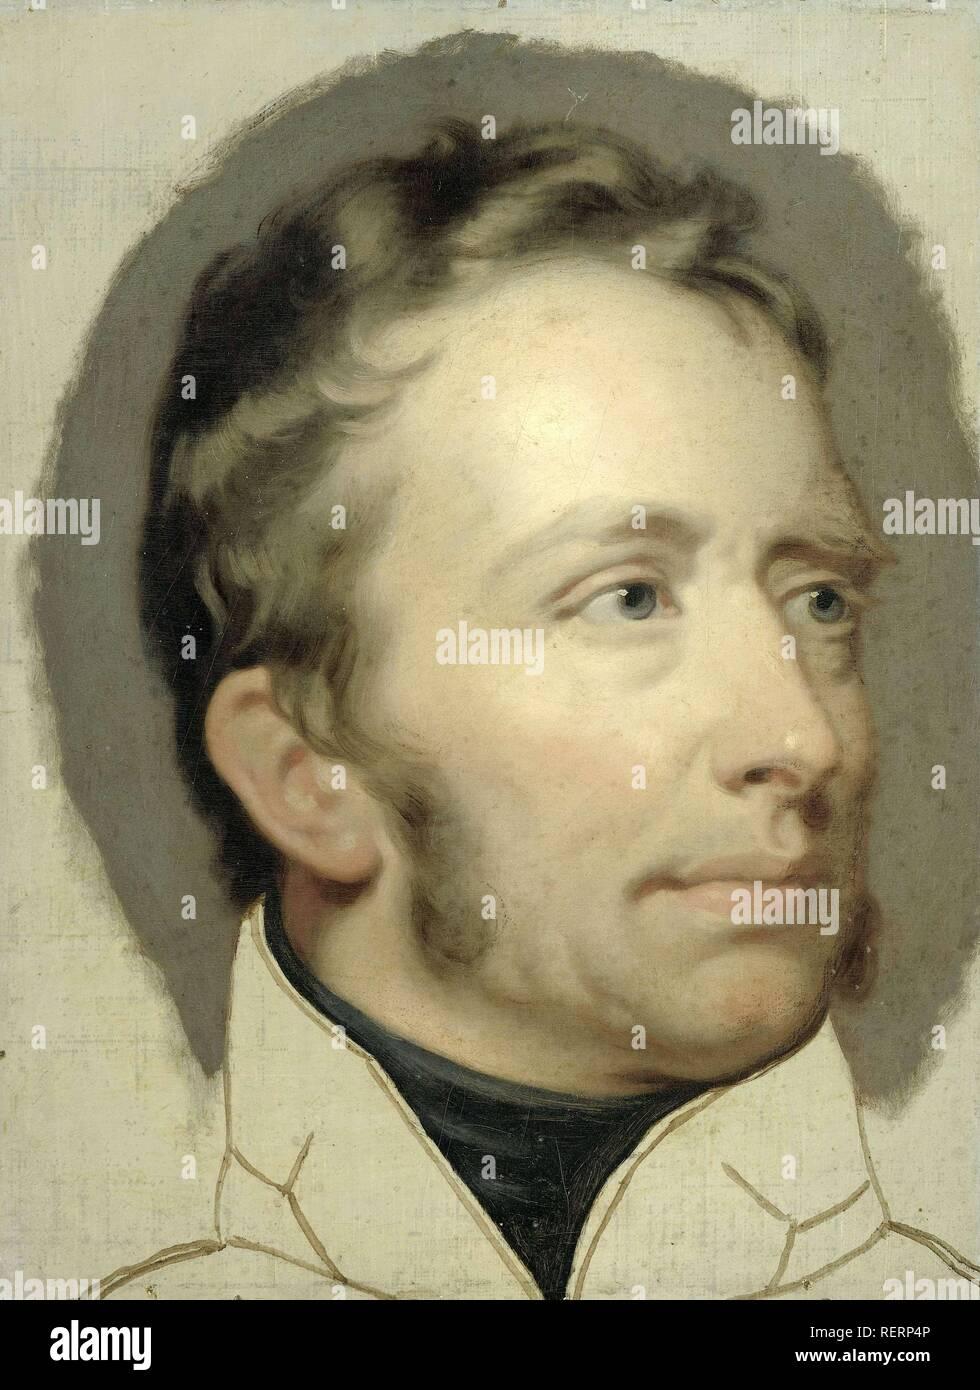 Willem I (1772-1843), Rey de los Países Bajos. Datación: 1815 - 1816. Mediciones: h 34,5 cm × w 26 cm. Museo: Rijksmuseum, Amsterdam. Autor: Charles Howard Hodges. Hodges, Charles Howard. Imagen De Stock